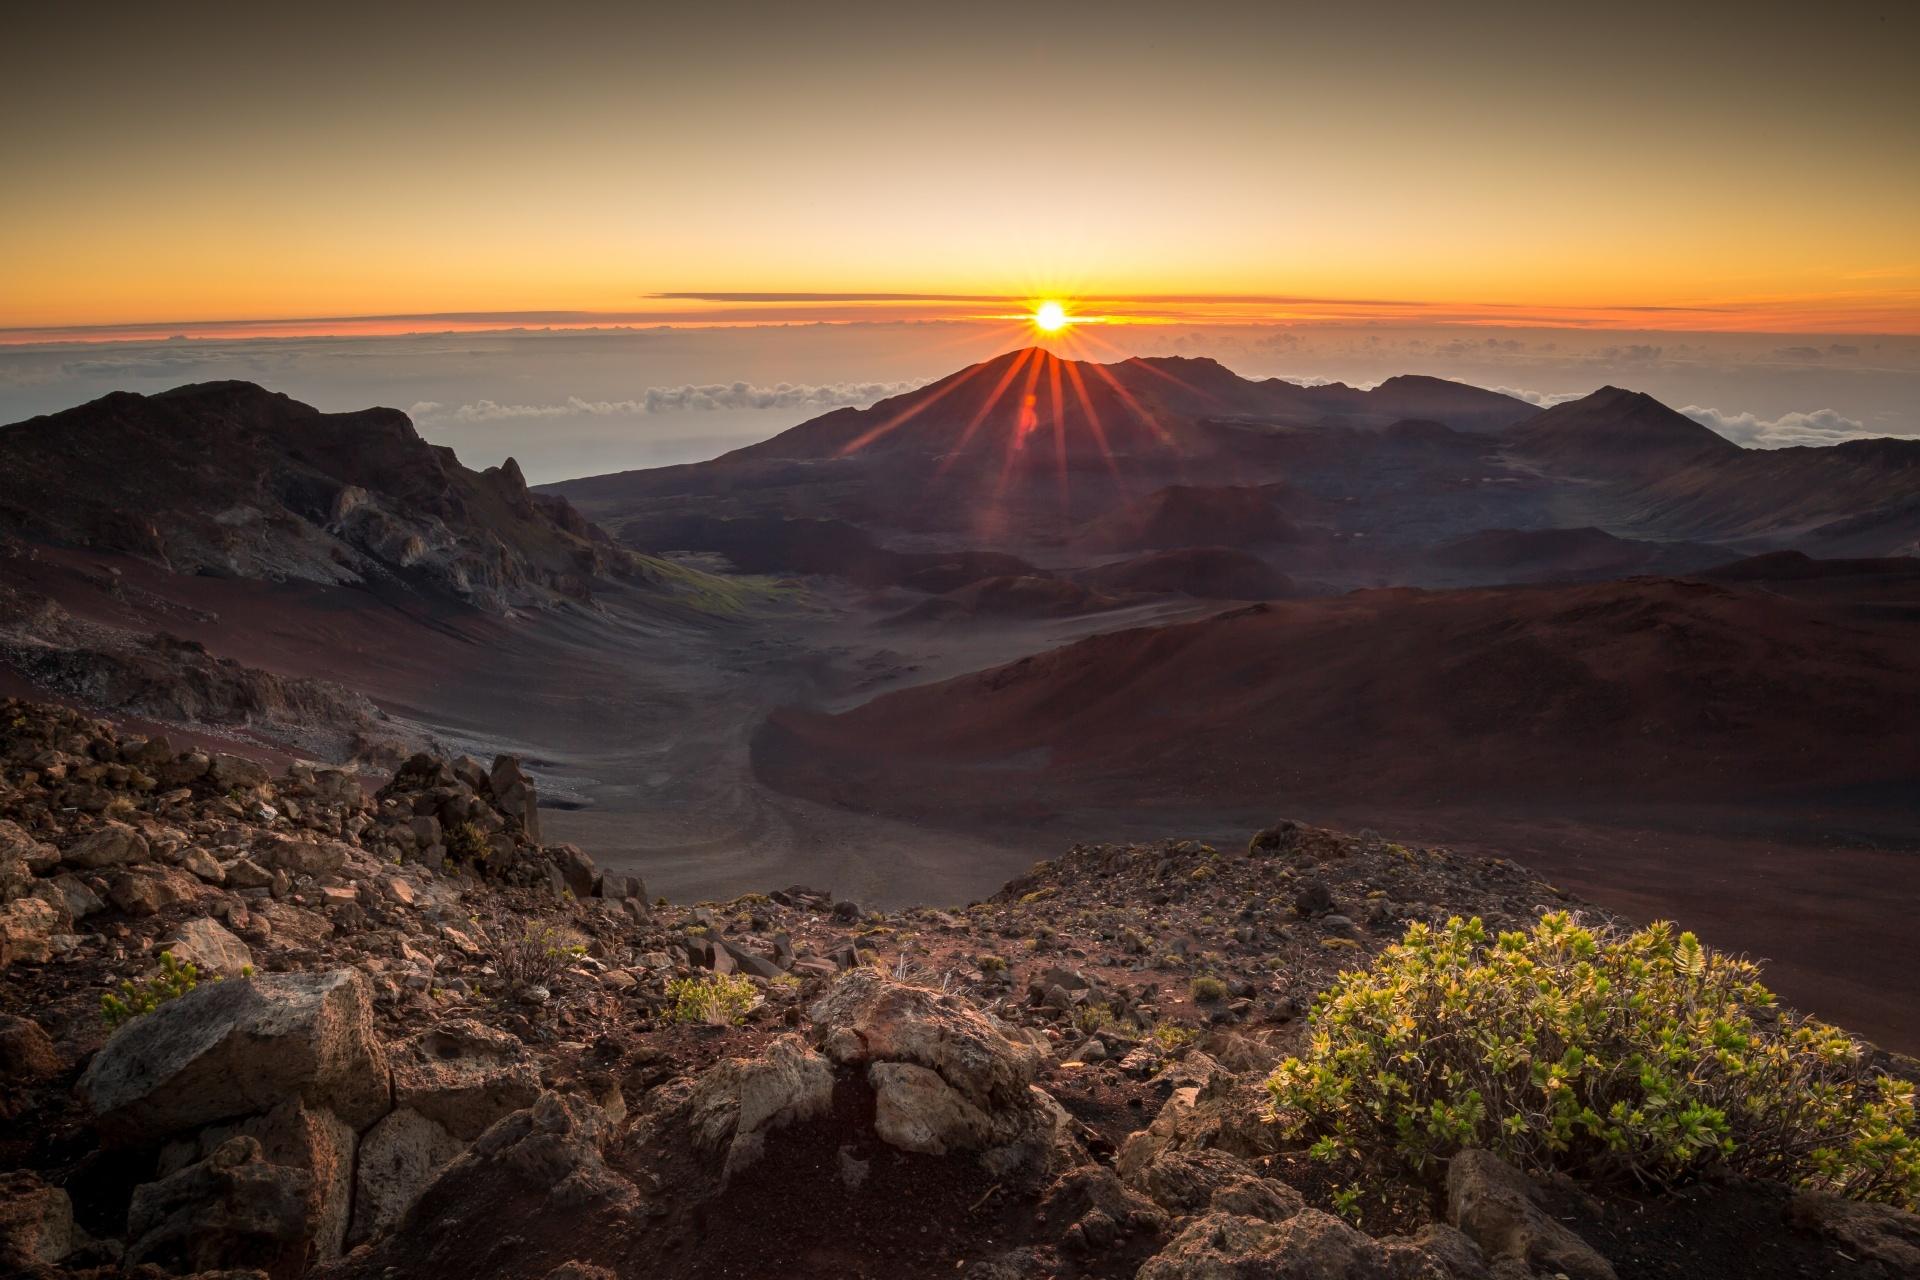 ハワイの日の出の風景 マウイ島ハレアカラ国立公園